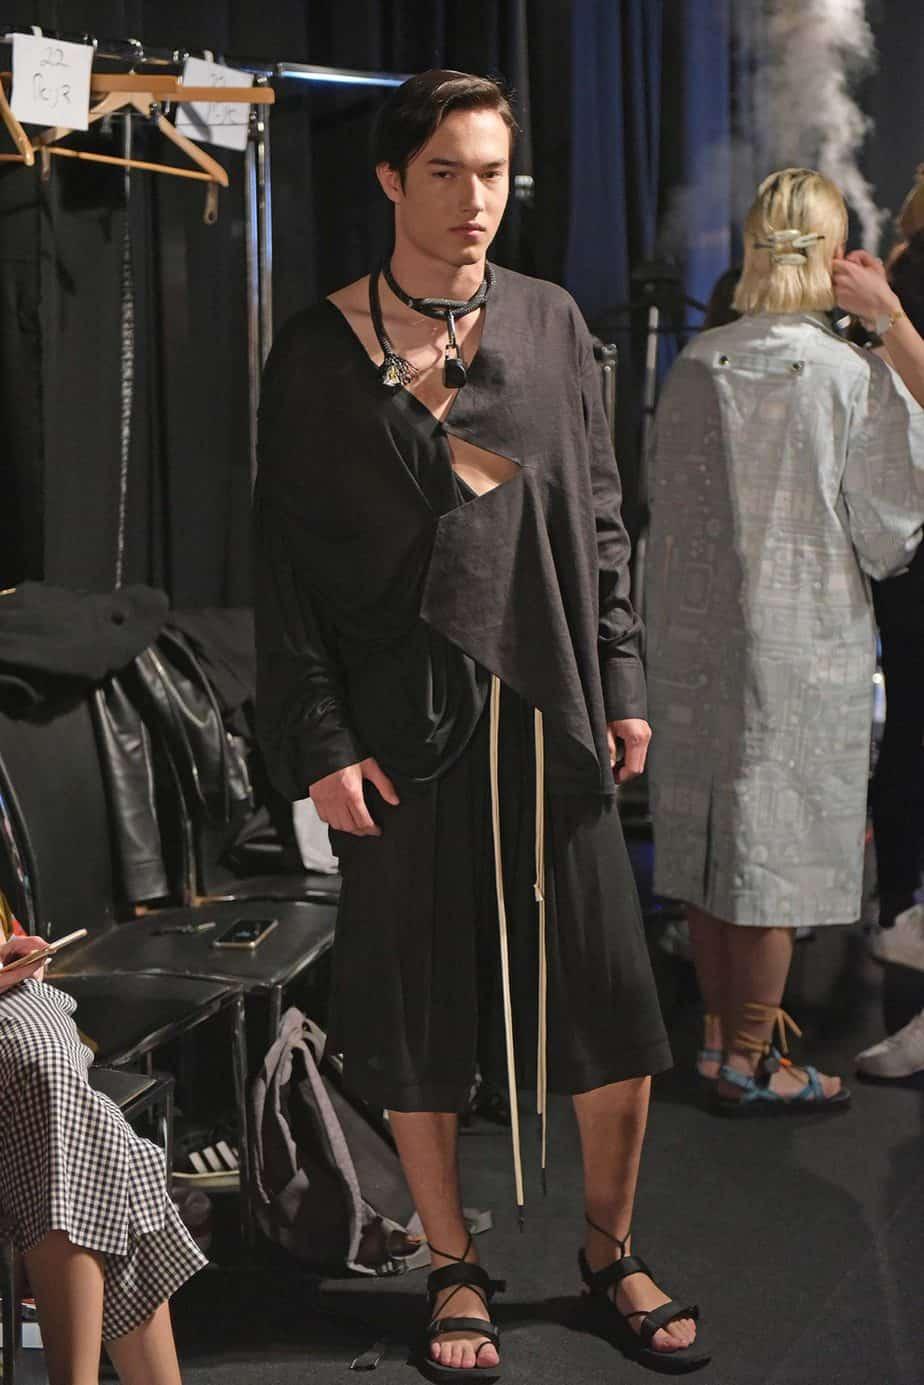 שורש. שבוע האופנה תל אביב 2019, צילום סרגו סטרודובצב - 1